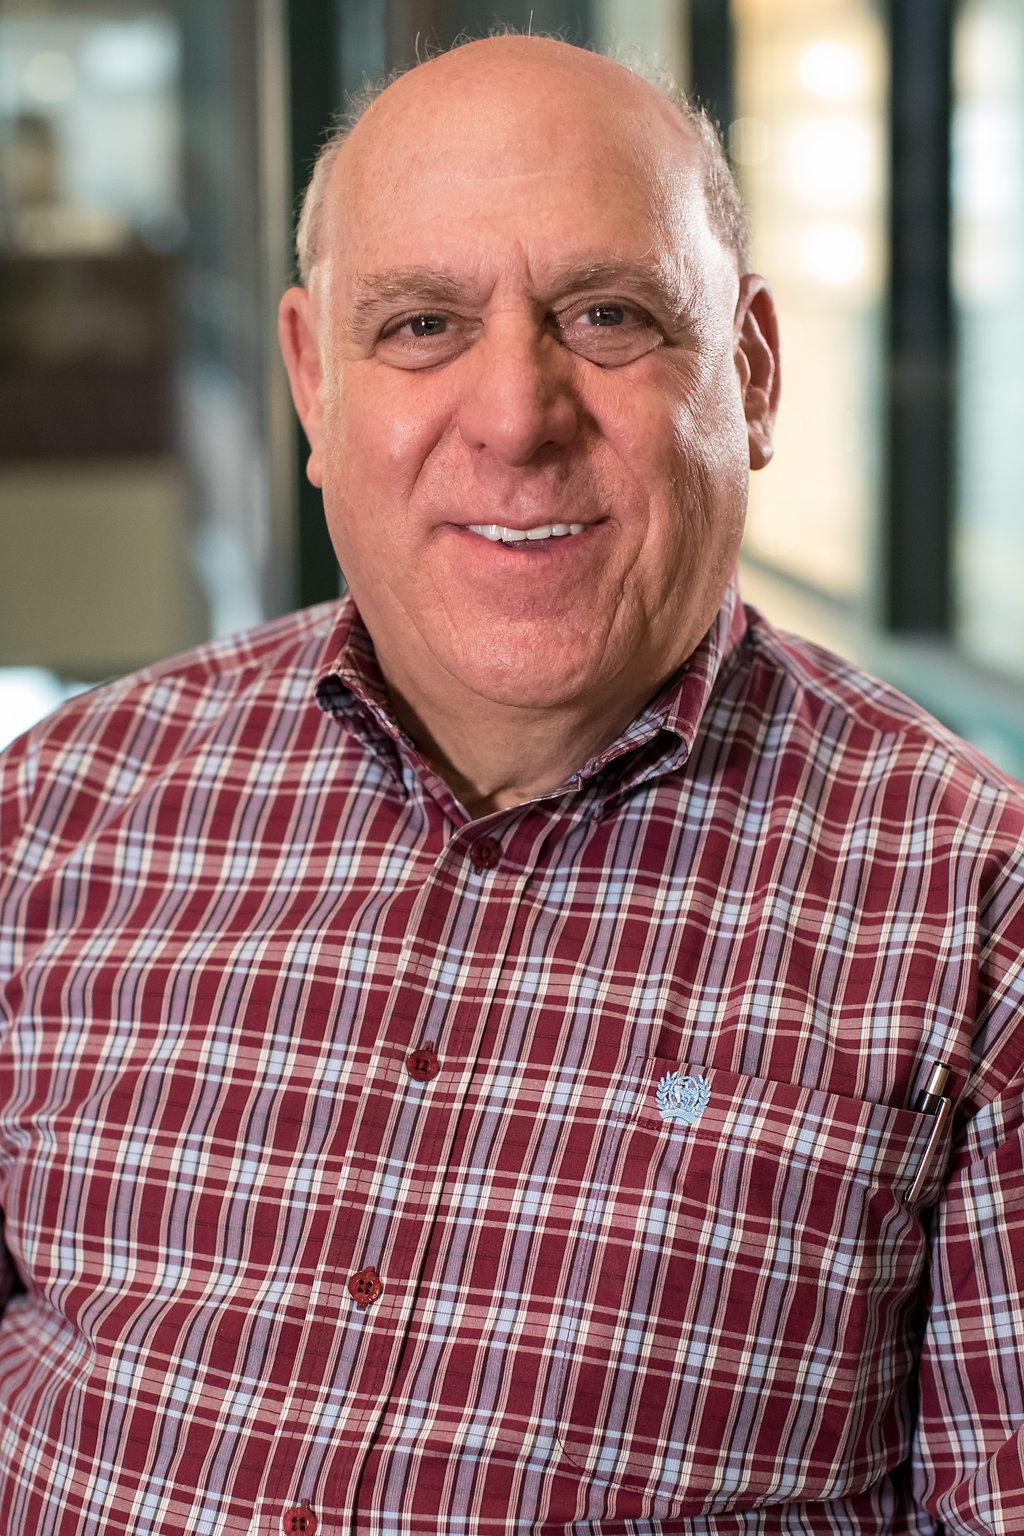 Ronald I. Gross, MD, FACS